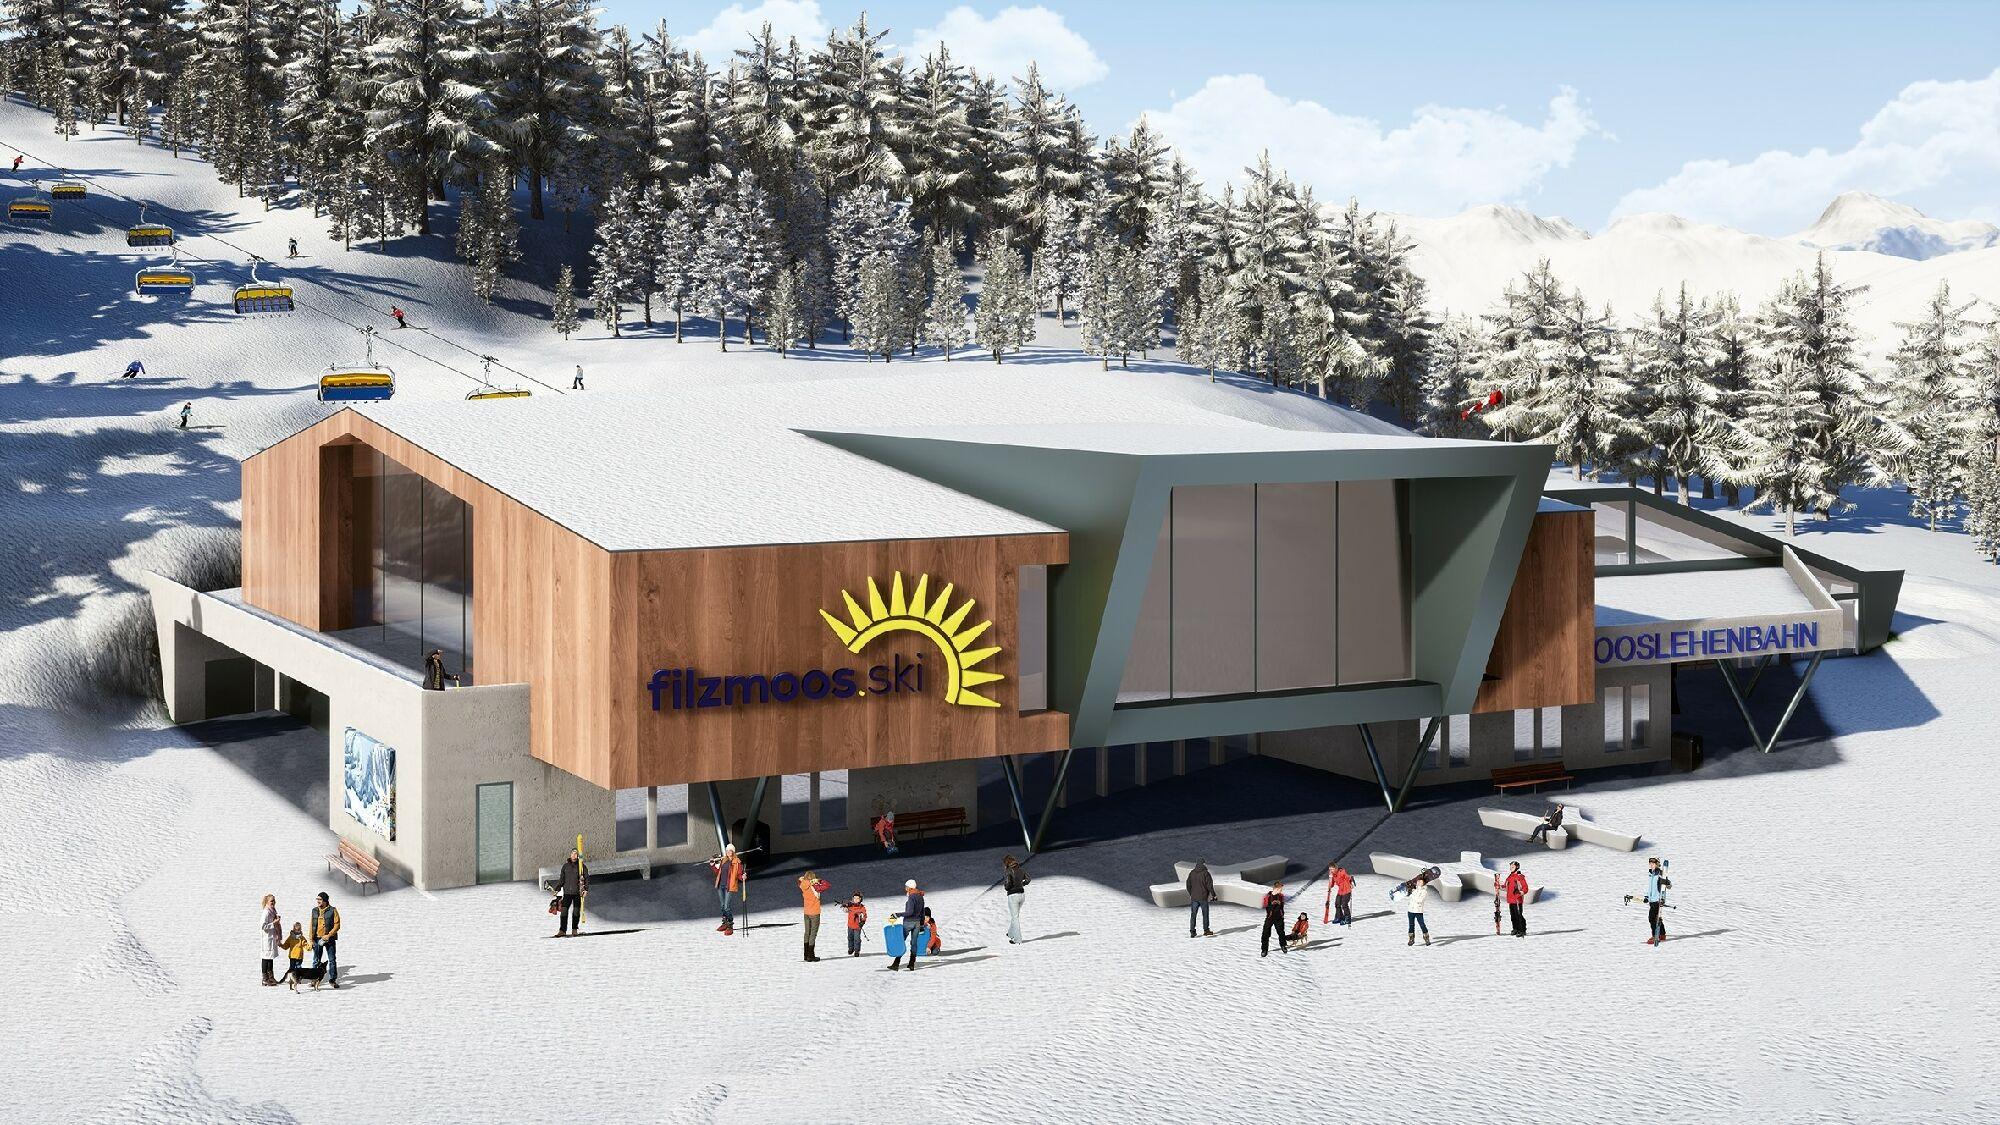 Visualisierung der neuen Mooslehenbahn in Filzmoos